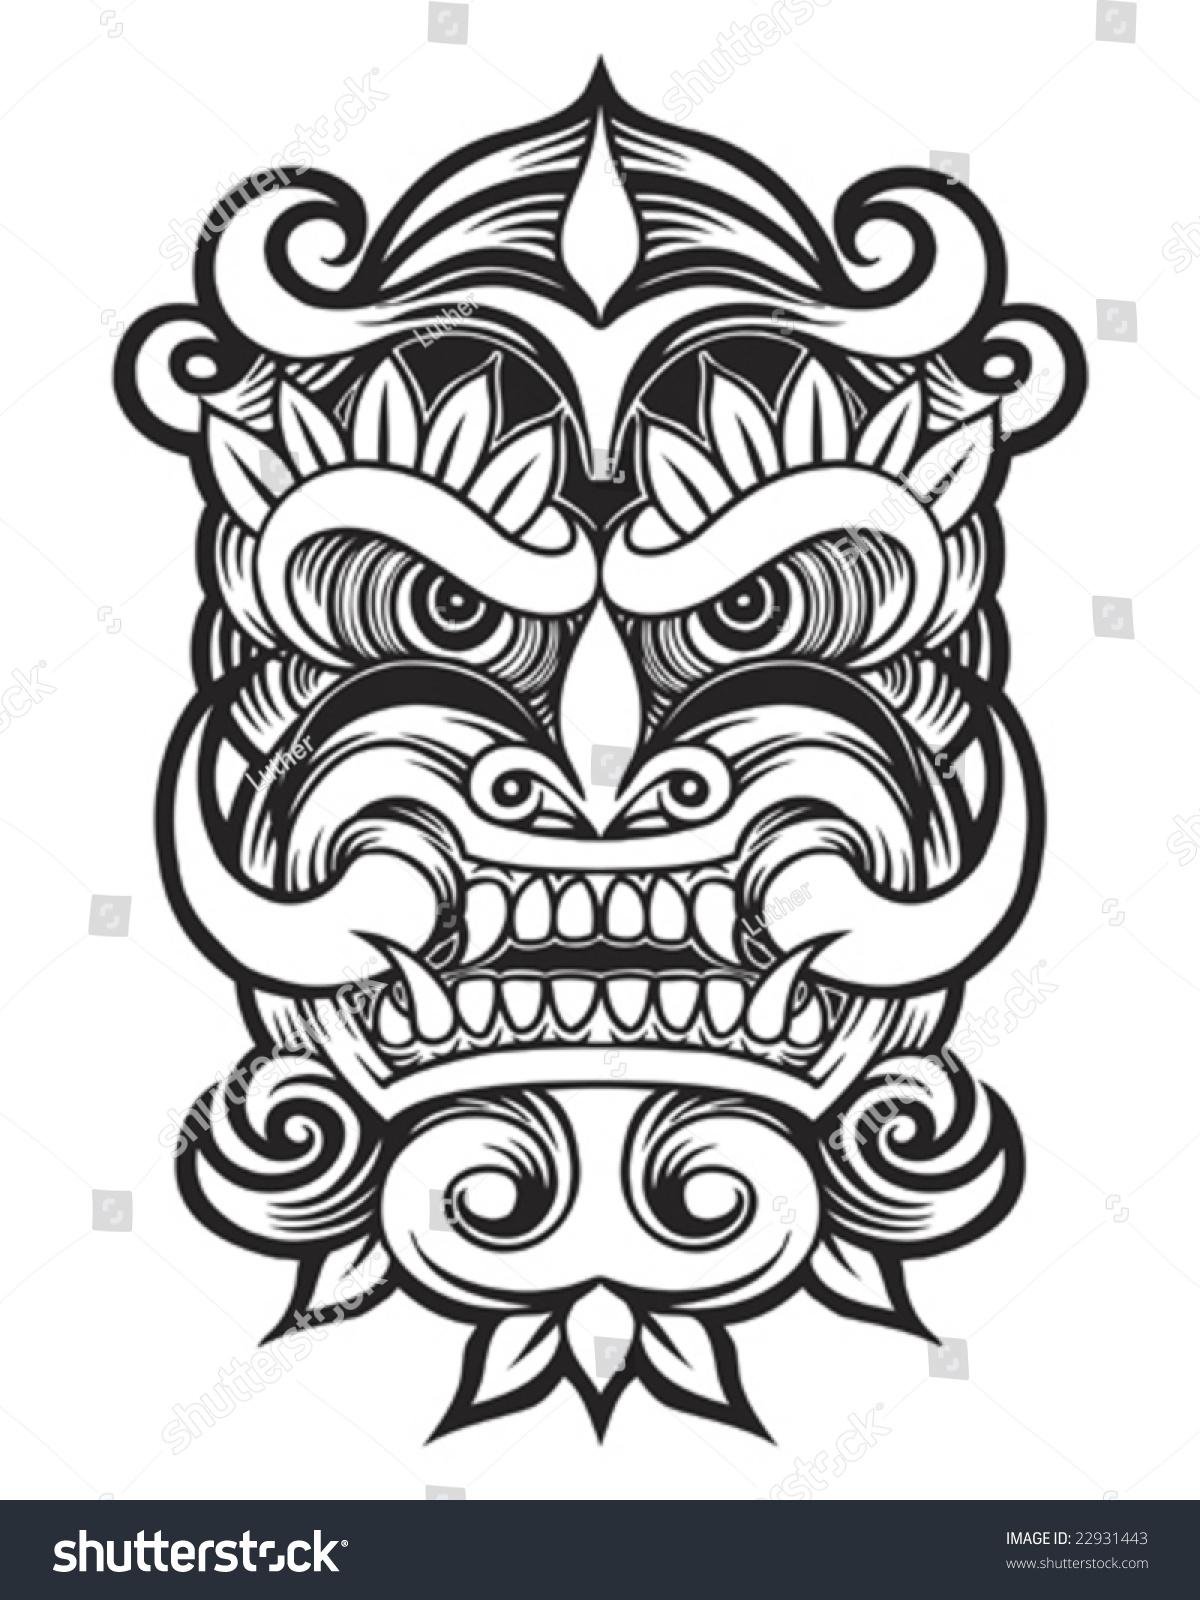 10ceef48ff25c Tattoo devil mask Stock Photo 22931443 - Avopix.com